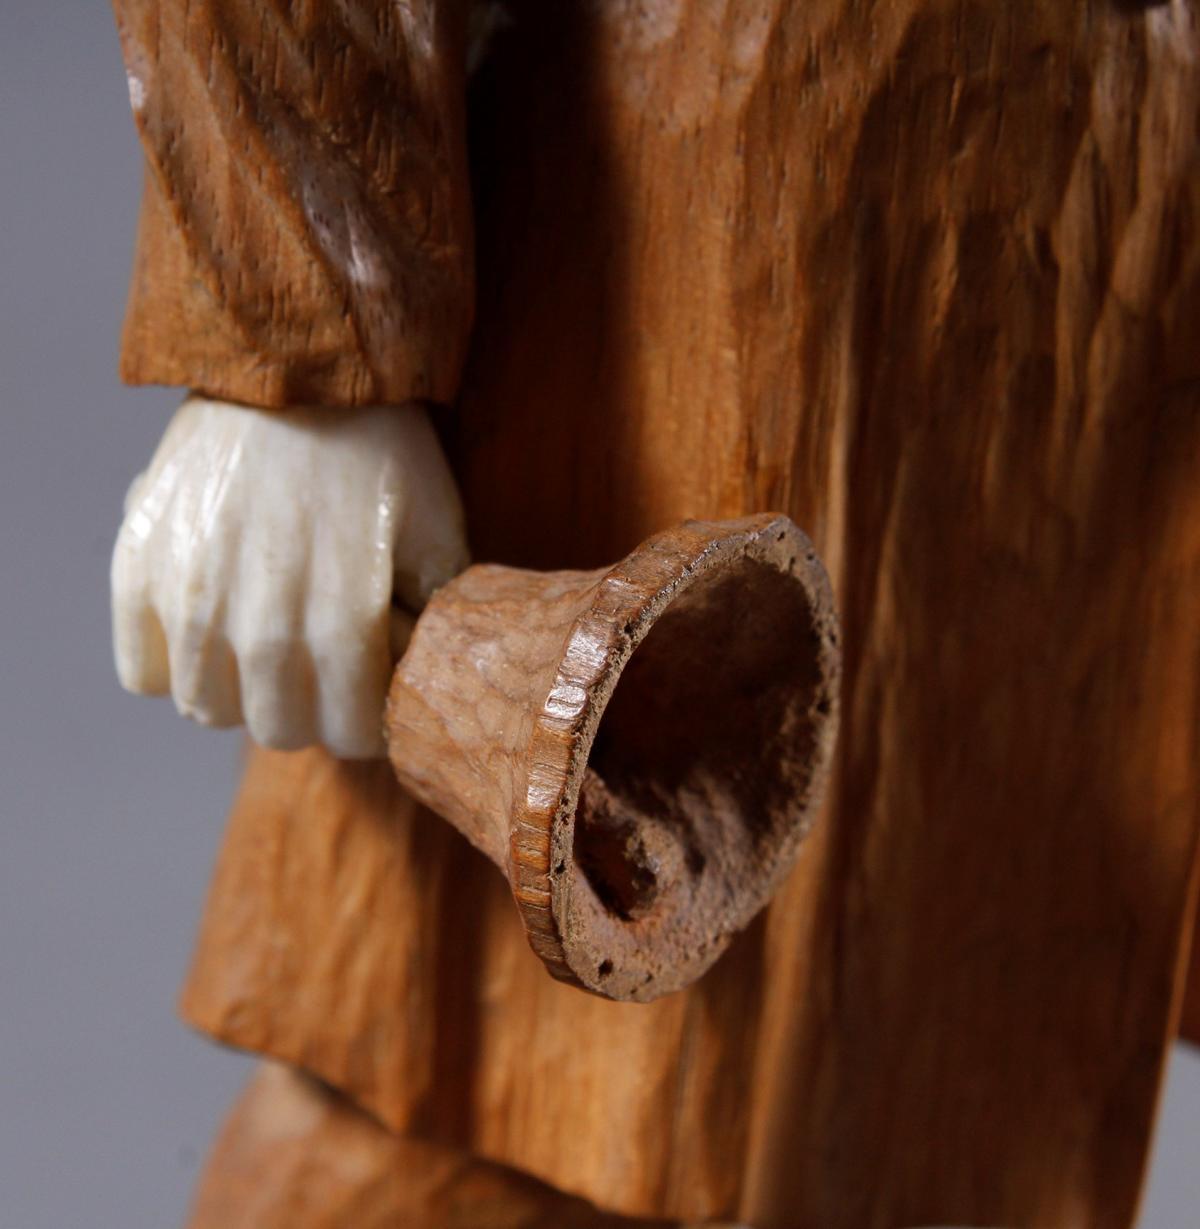 Holz-/ Elfenbeinskulptur, Schaffner, wohl Erbach 1947-4